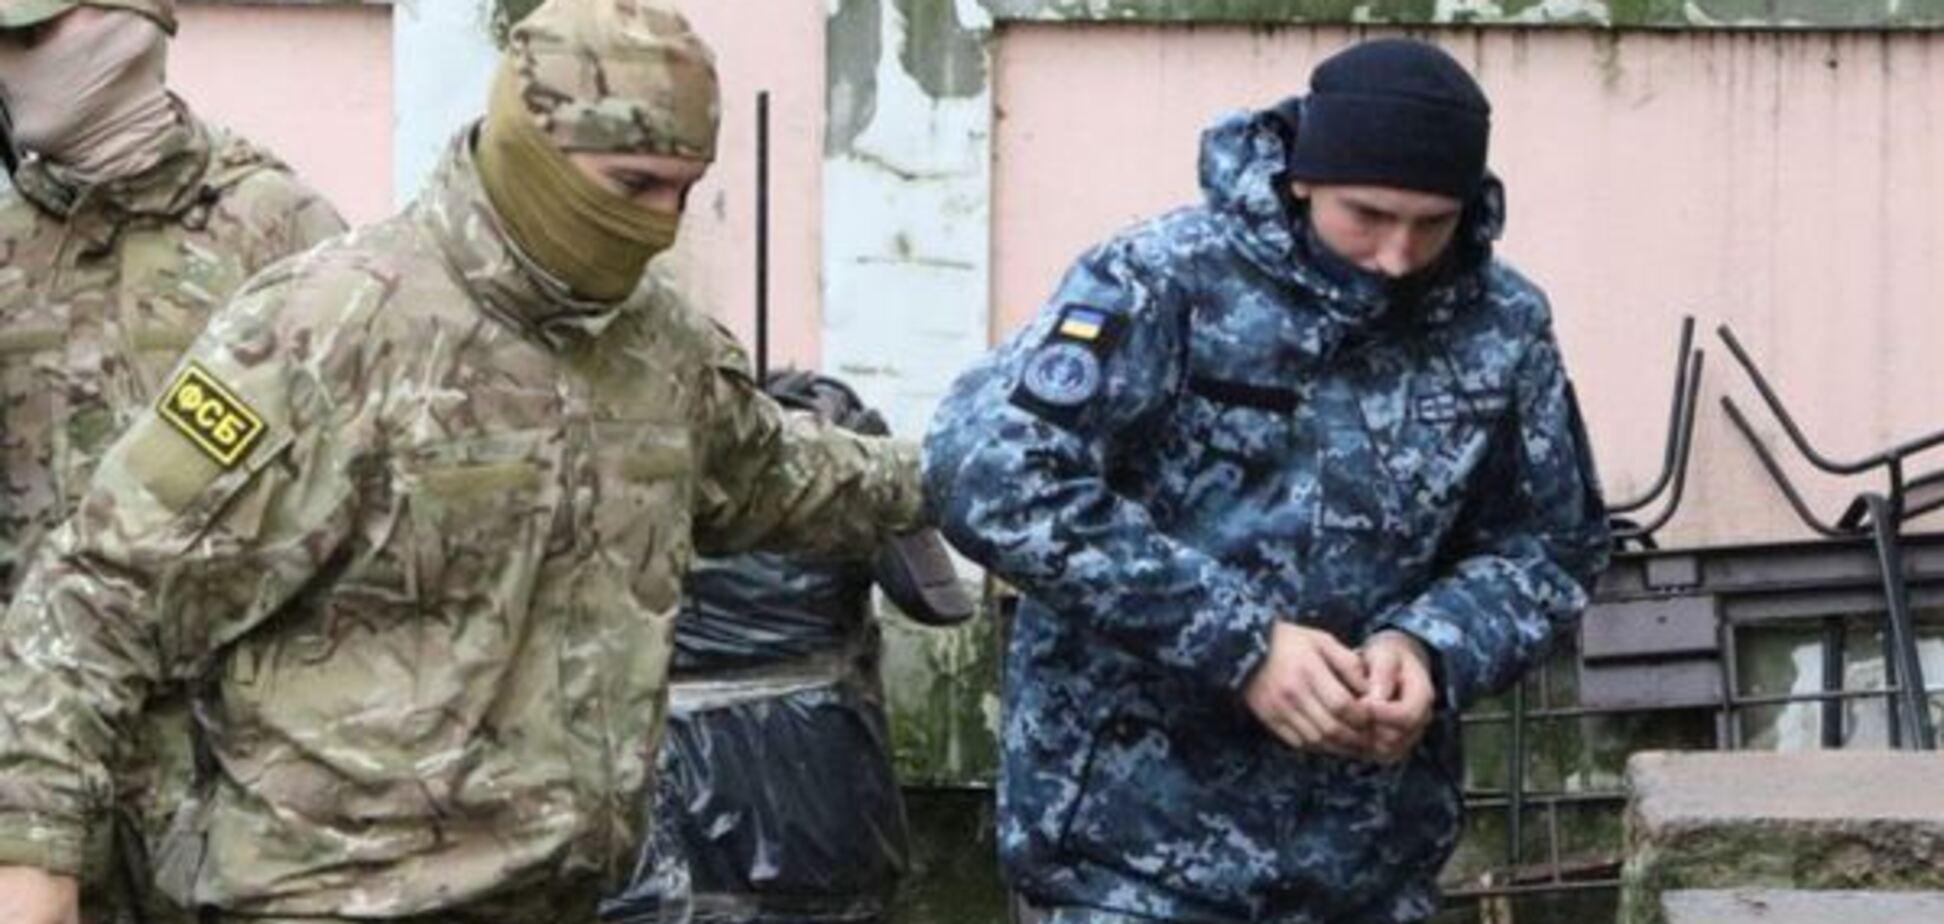 Уже окончательно: в России выдвинули обвинения 18 украинским военнопленным морякам